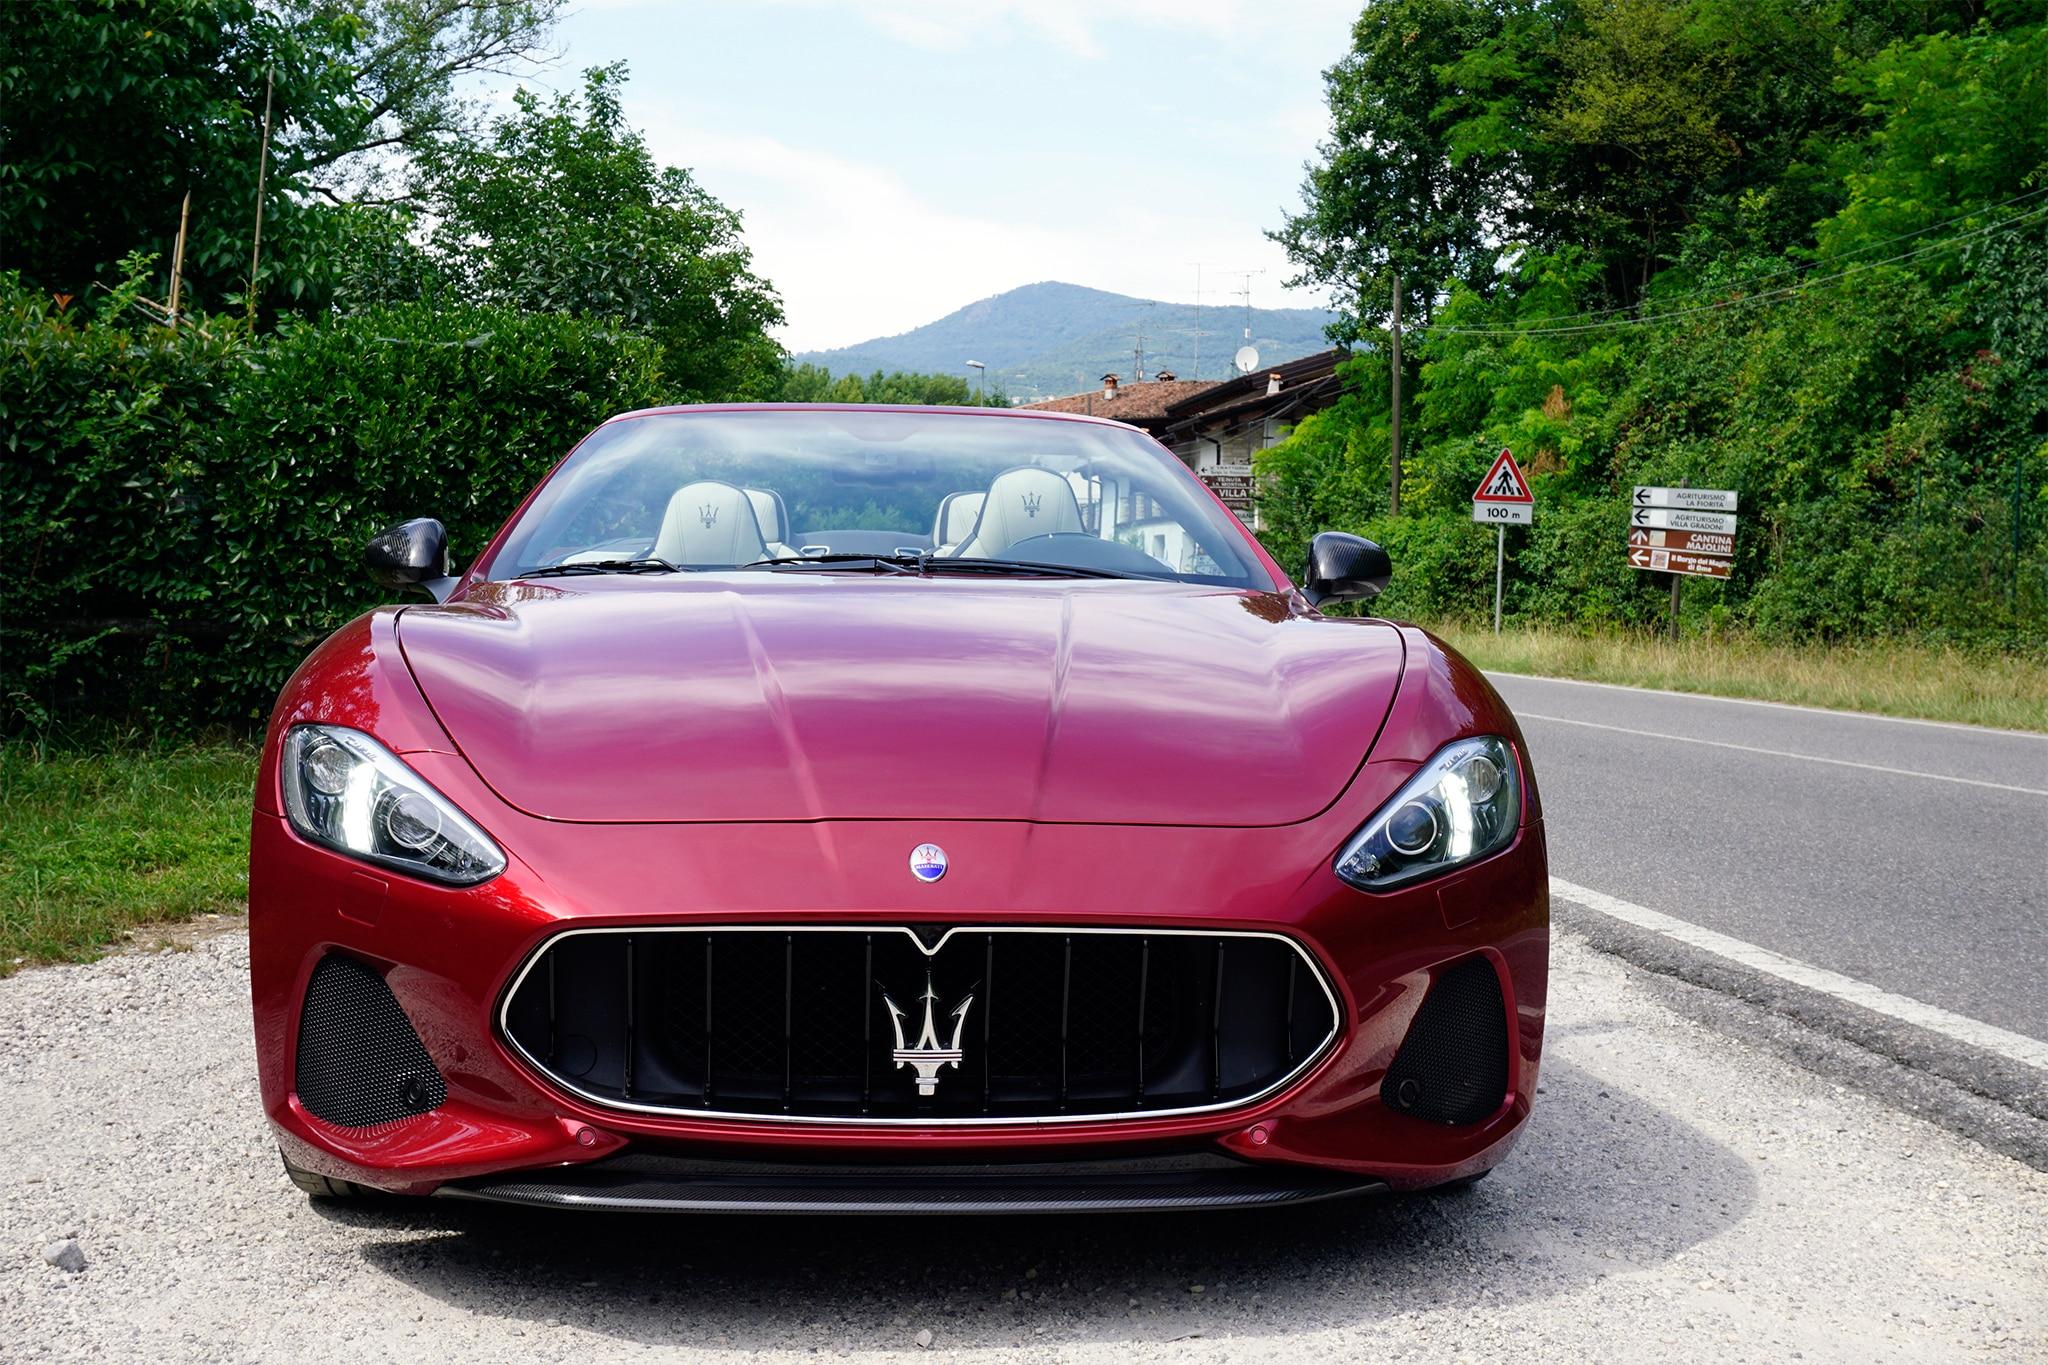 2018 Maserati GranTurismo and GranCabrio First Drive Review